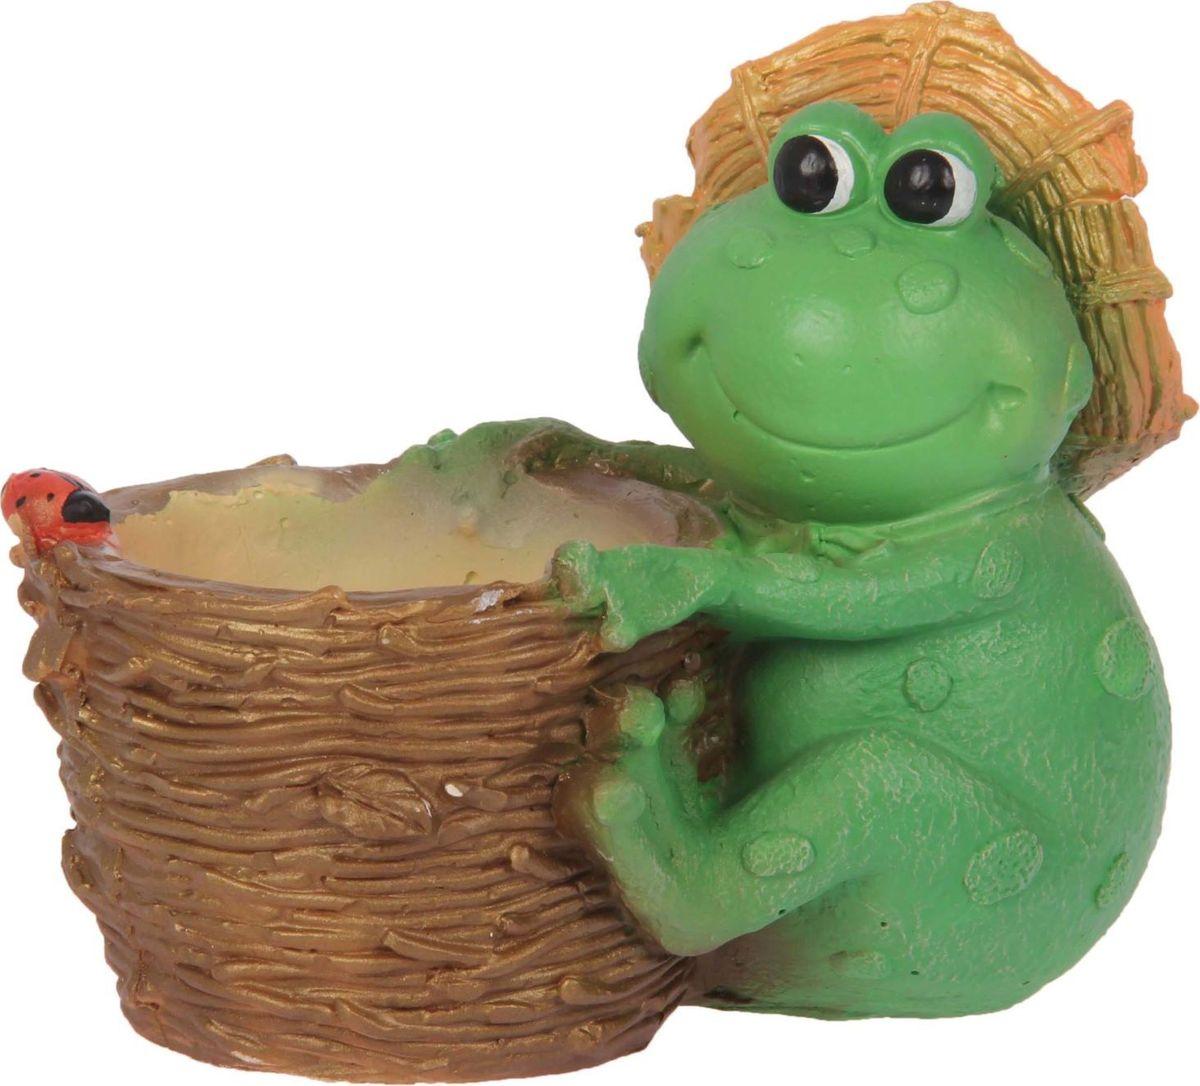 Кашпо Premium Gips Жаба в шляпе, 12 х 19 х 17 см1623311Комнатные растения — всеобщие любимцы. Они радуют глаз, насыщают помещение кислородом и украшают пространство. Каждому из растений необходим свой удобный и красивый дом. Поселите зелёного питомца в яркое и оригинальное фигурное кашпо. Выберите подходящую форму для детской, спальни, гостиной, балкона, офиса или террасы. #name# позаботится о растении, украсит окружающее пространство и подчеркнёт его оригинальный стиль.